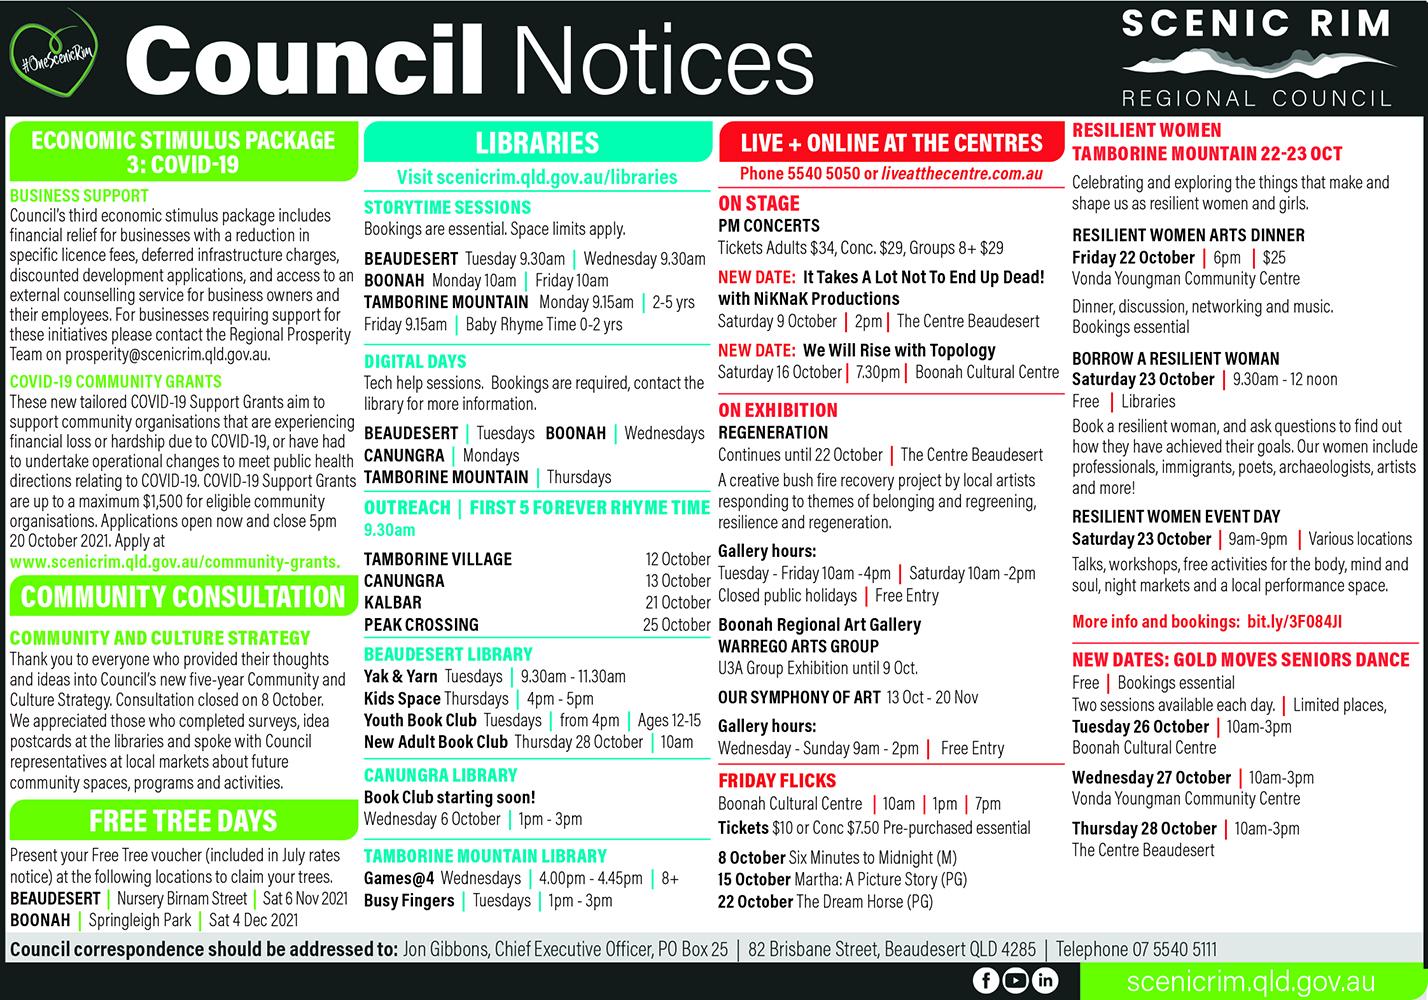 Scenic Rim Regional Council Notices - October 2021